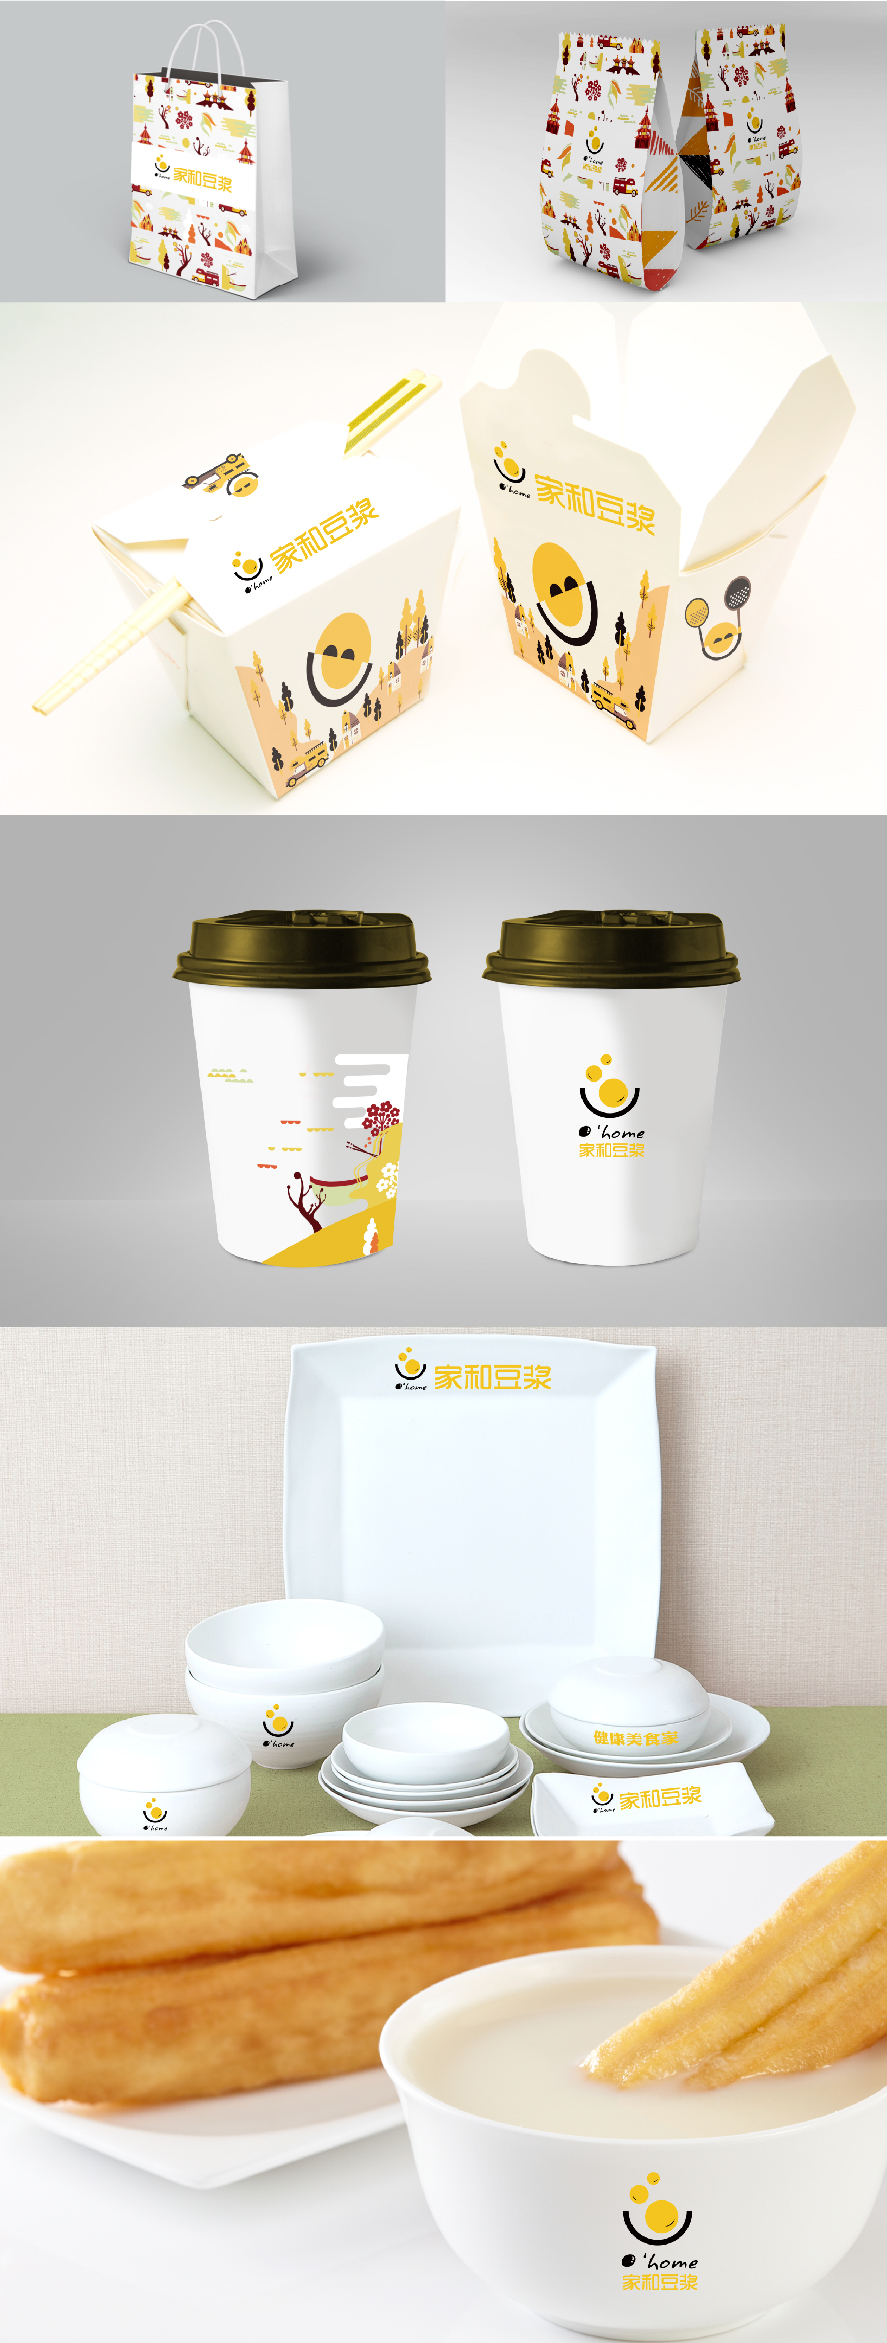 朗朗文化 朗朗餐程式 餐饮 vi设计 空间设计 包装 餐饮品牌全案 家和豆浆